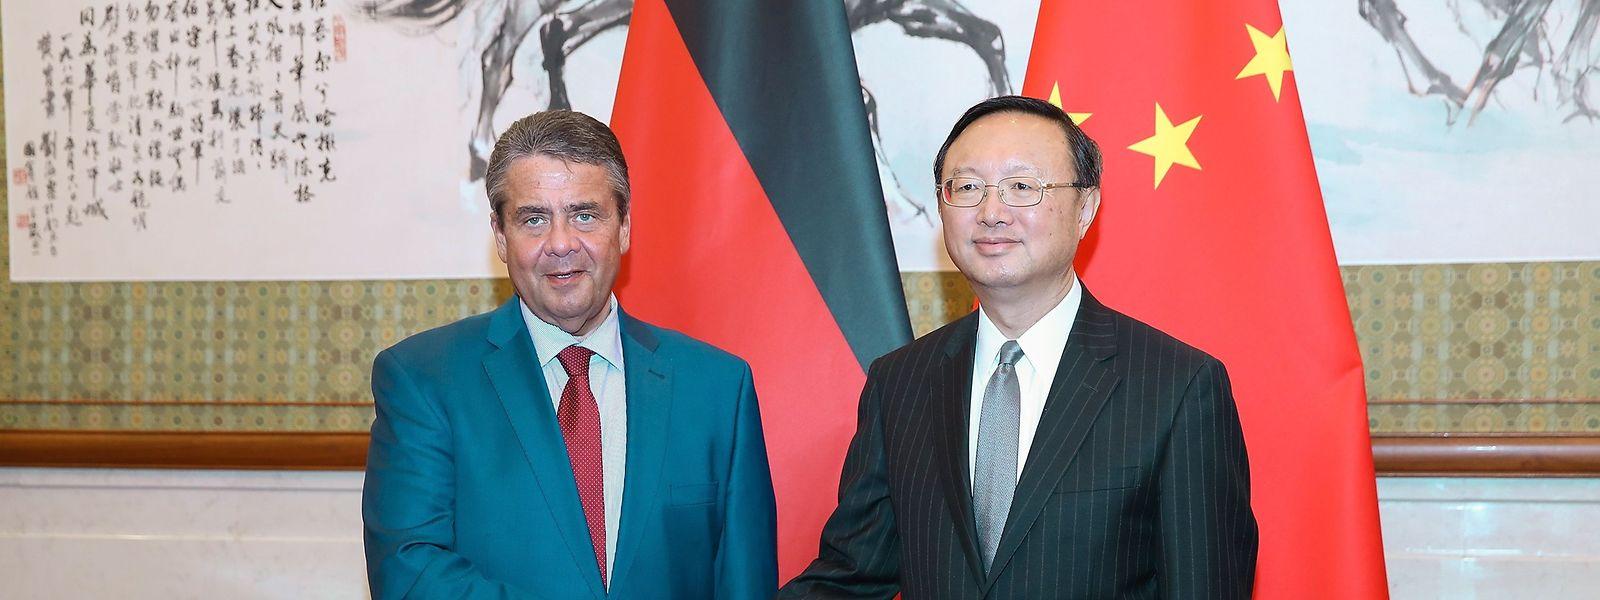 Sigmar Gabriel (l.) ist zurzeit auf Dienstreise in China, wo er unter anderem mit dem obersten Außenpolitiker Chinas, Staatsrat Yang Jiechi, zusammentraf.